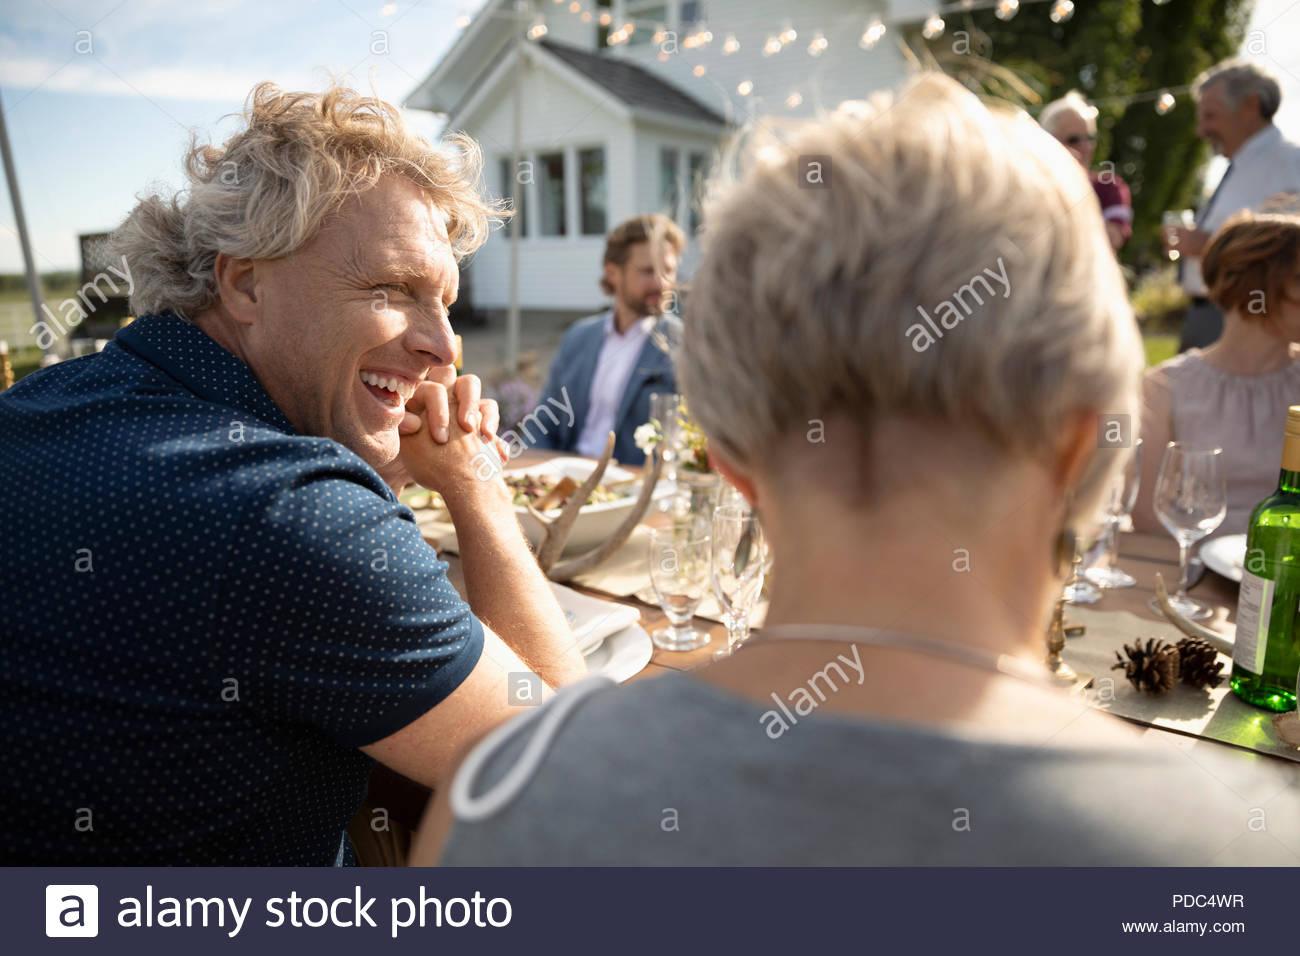 Smiling man enjoying réception de mariage le déjeuner dans le jardin en milieu rural Photo Stock